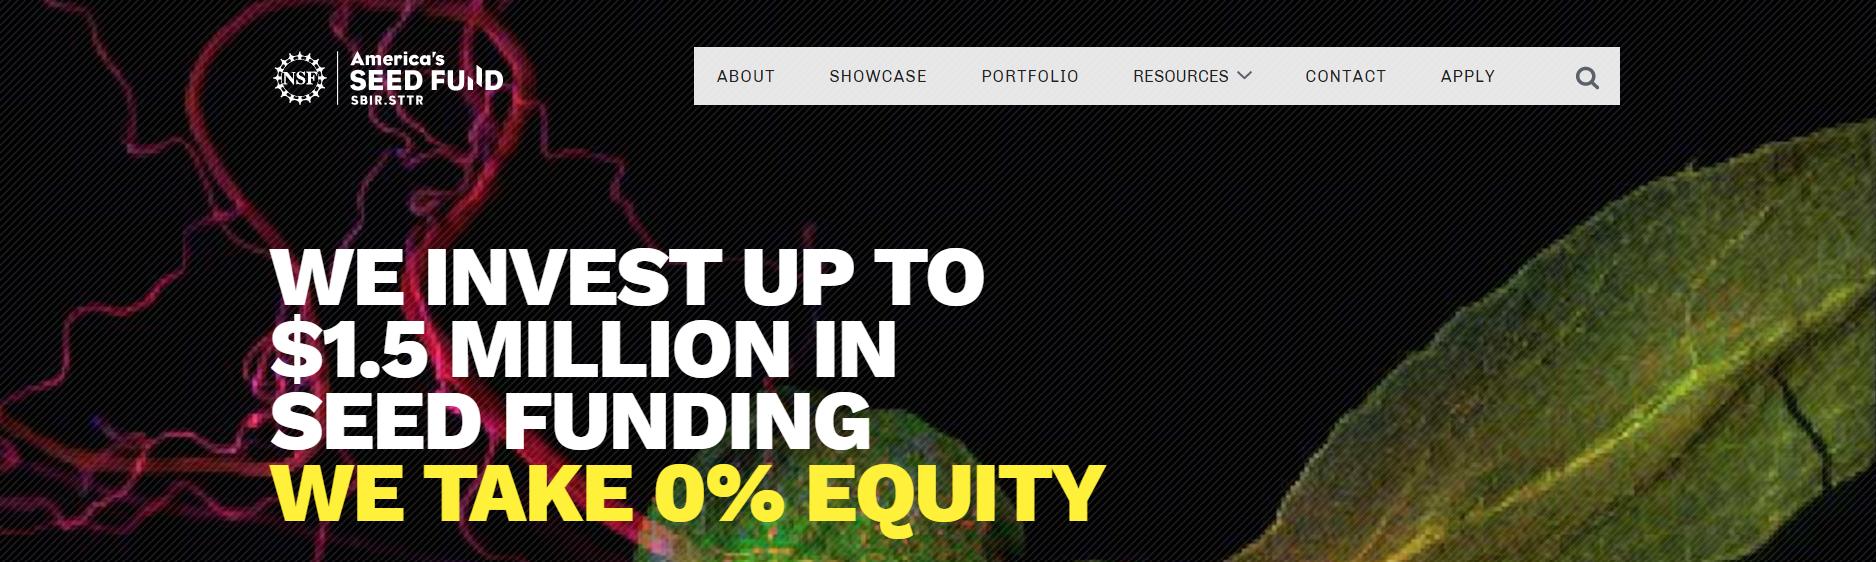 NSF_Americas_Seed_Fund.png